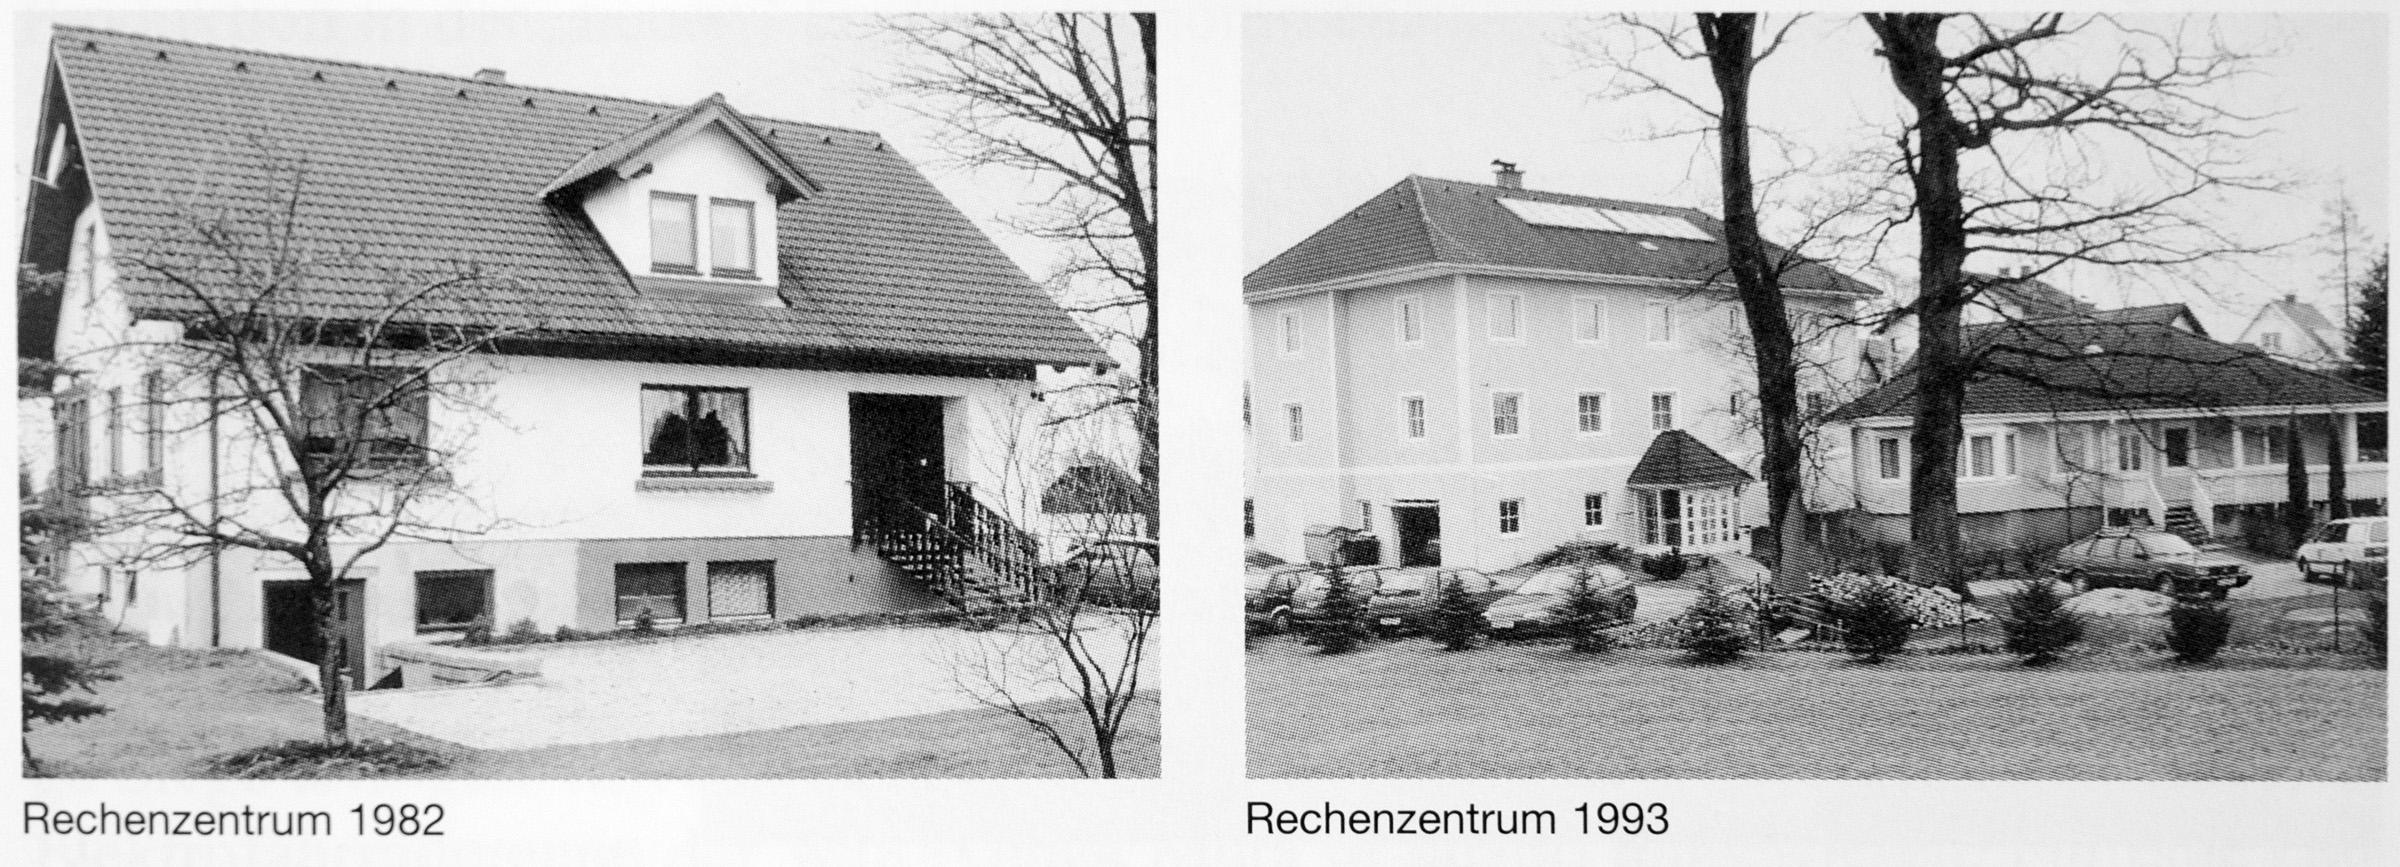 Rechenzentrum 1982, 1993 Schrems.jpg